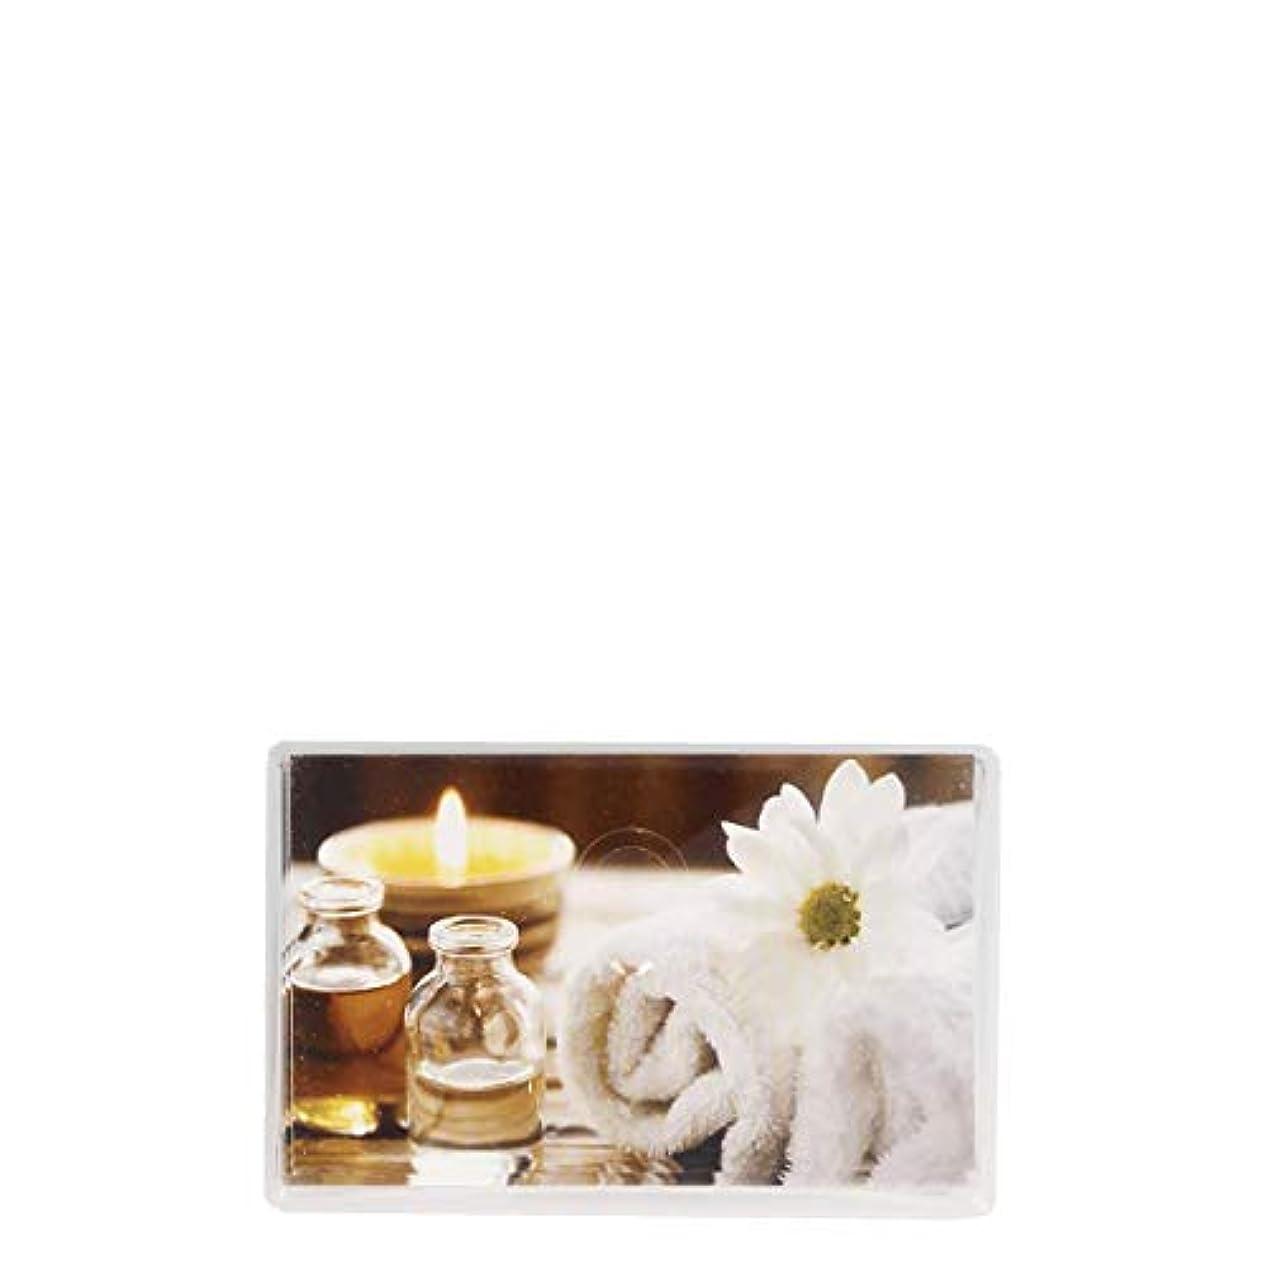 嫌悪管理者スリップアポイントメントカード Appointment cards- AP5B BEAUTY DAISY CARDS x100[海外直送品] [並行輸入品]